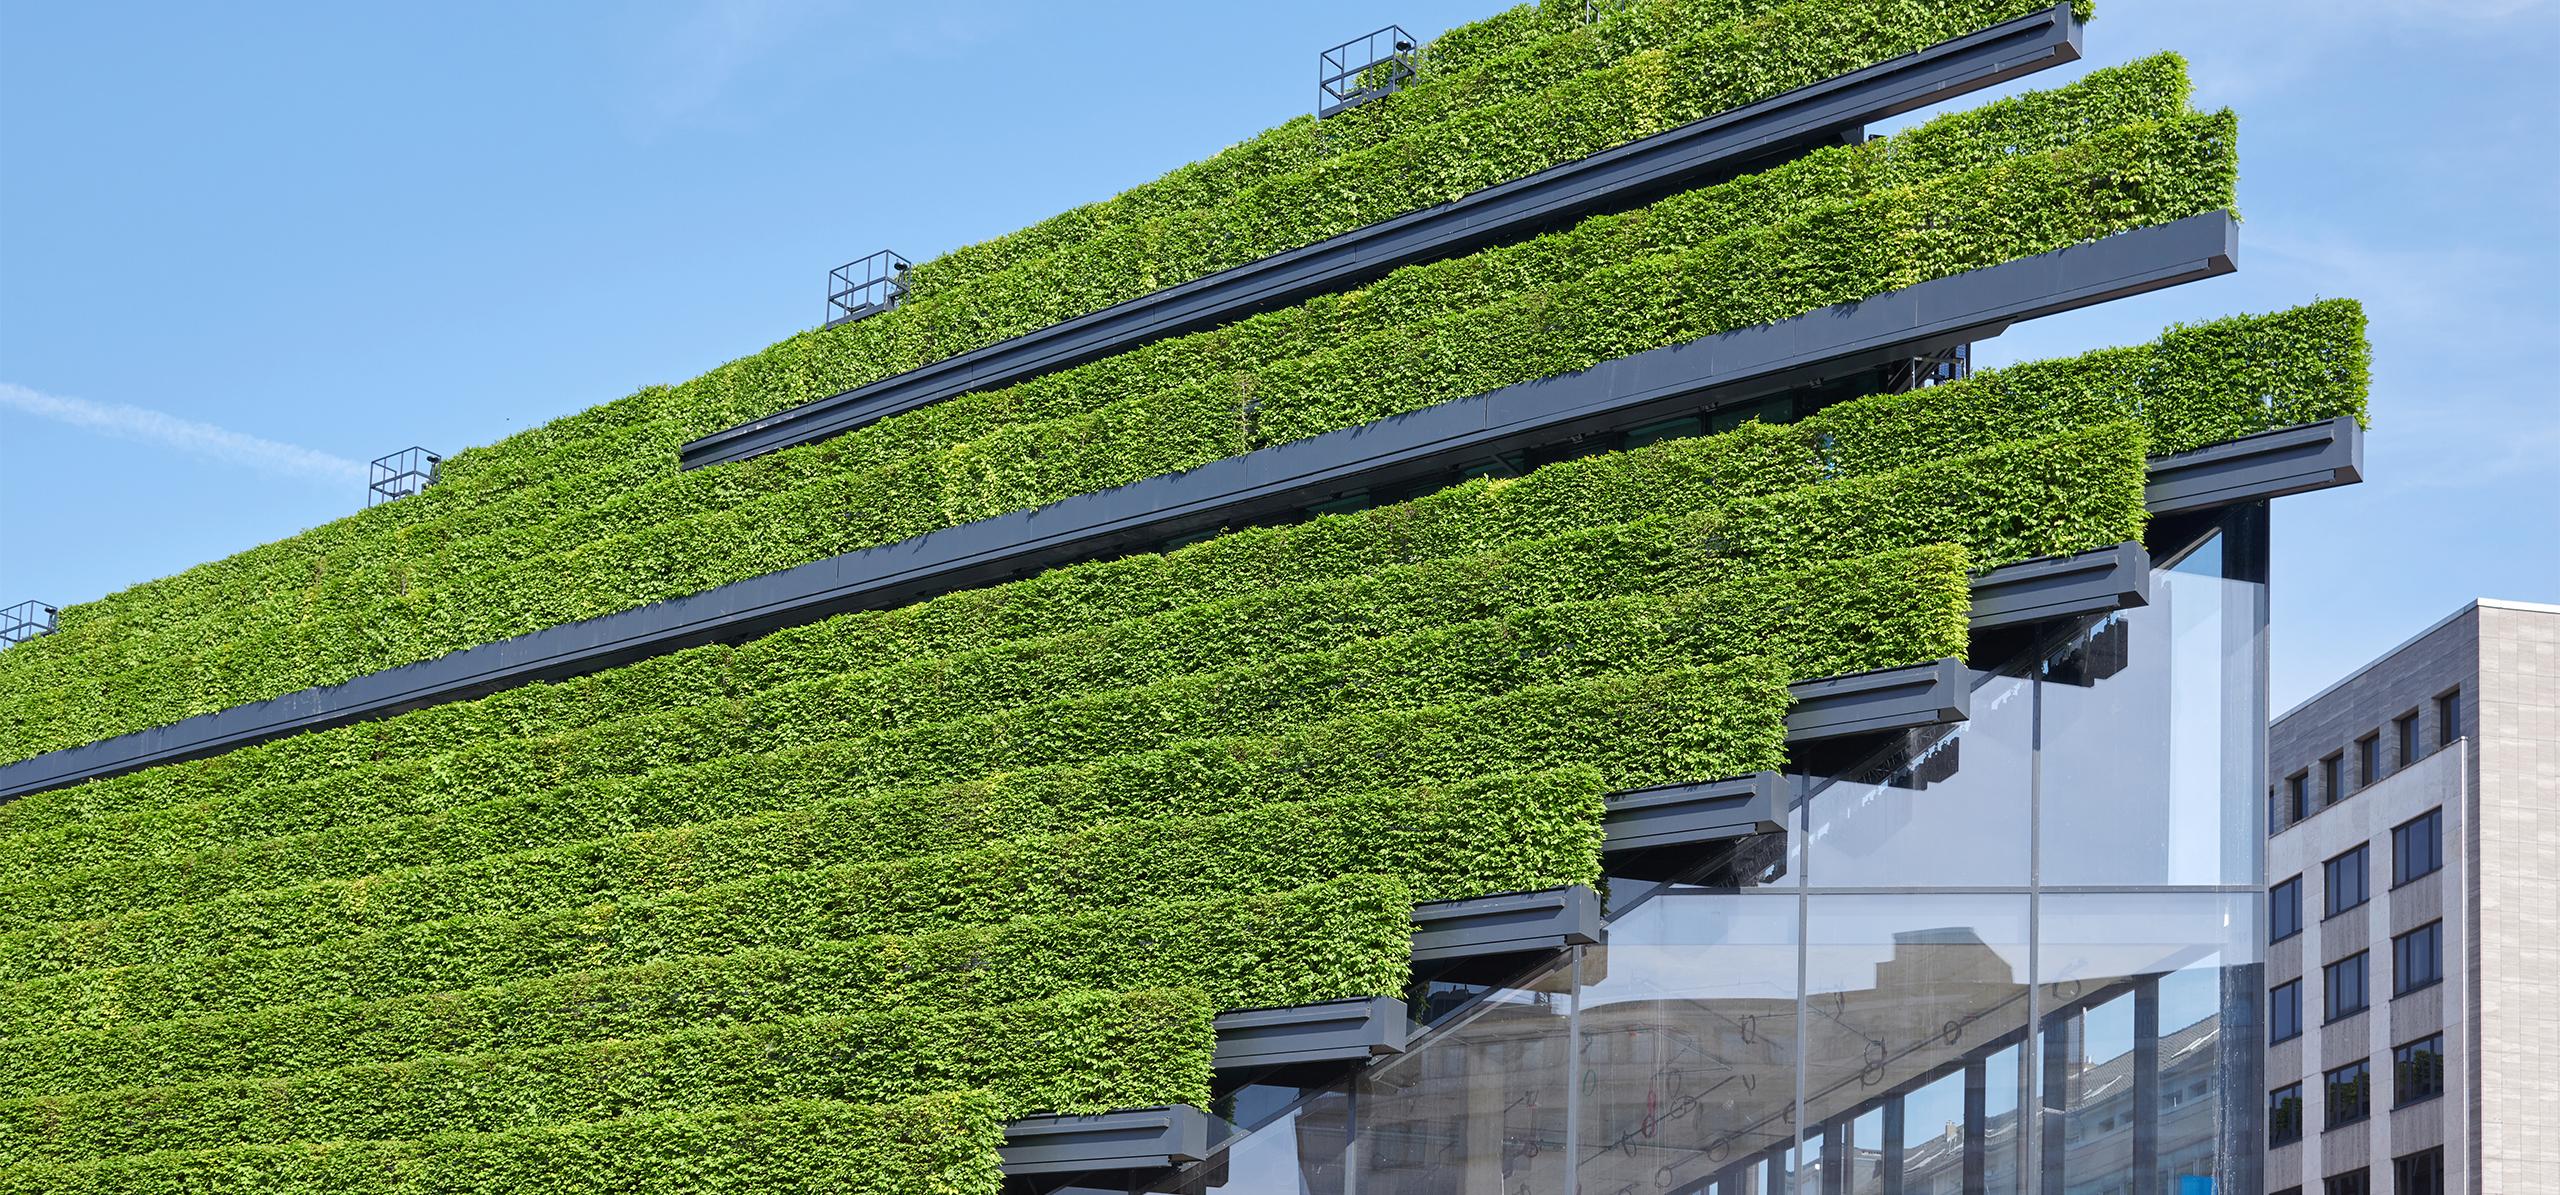 Moderne Architektur mit begrünter Hausfassade